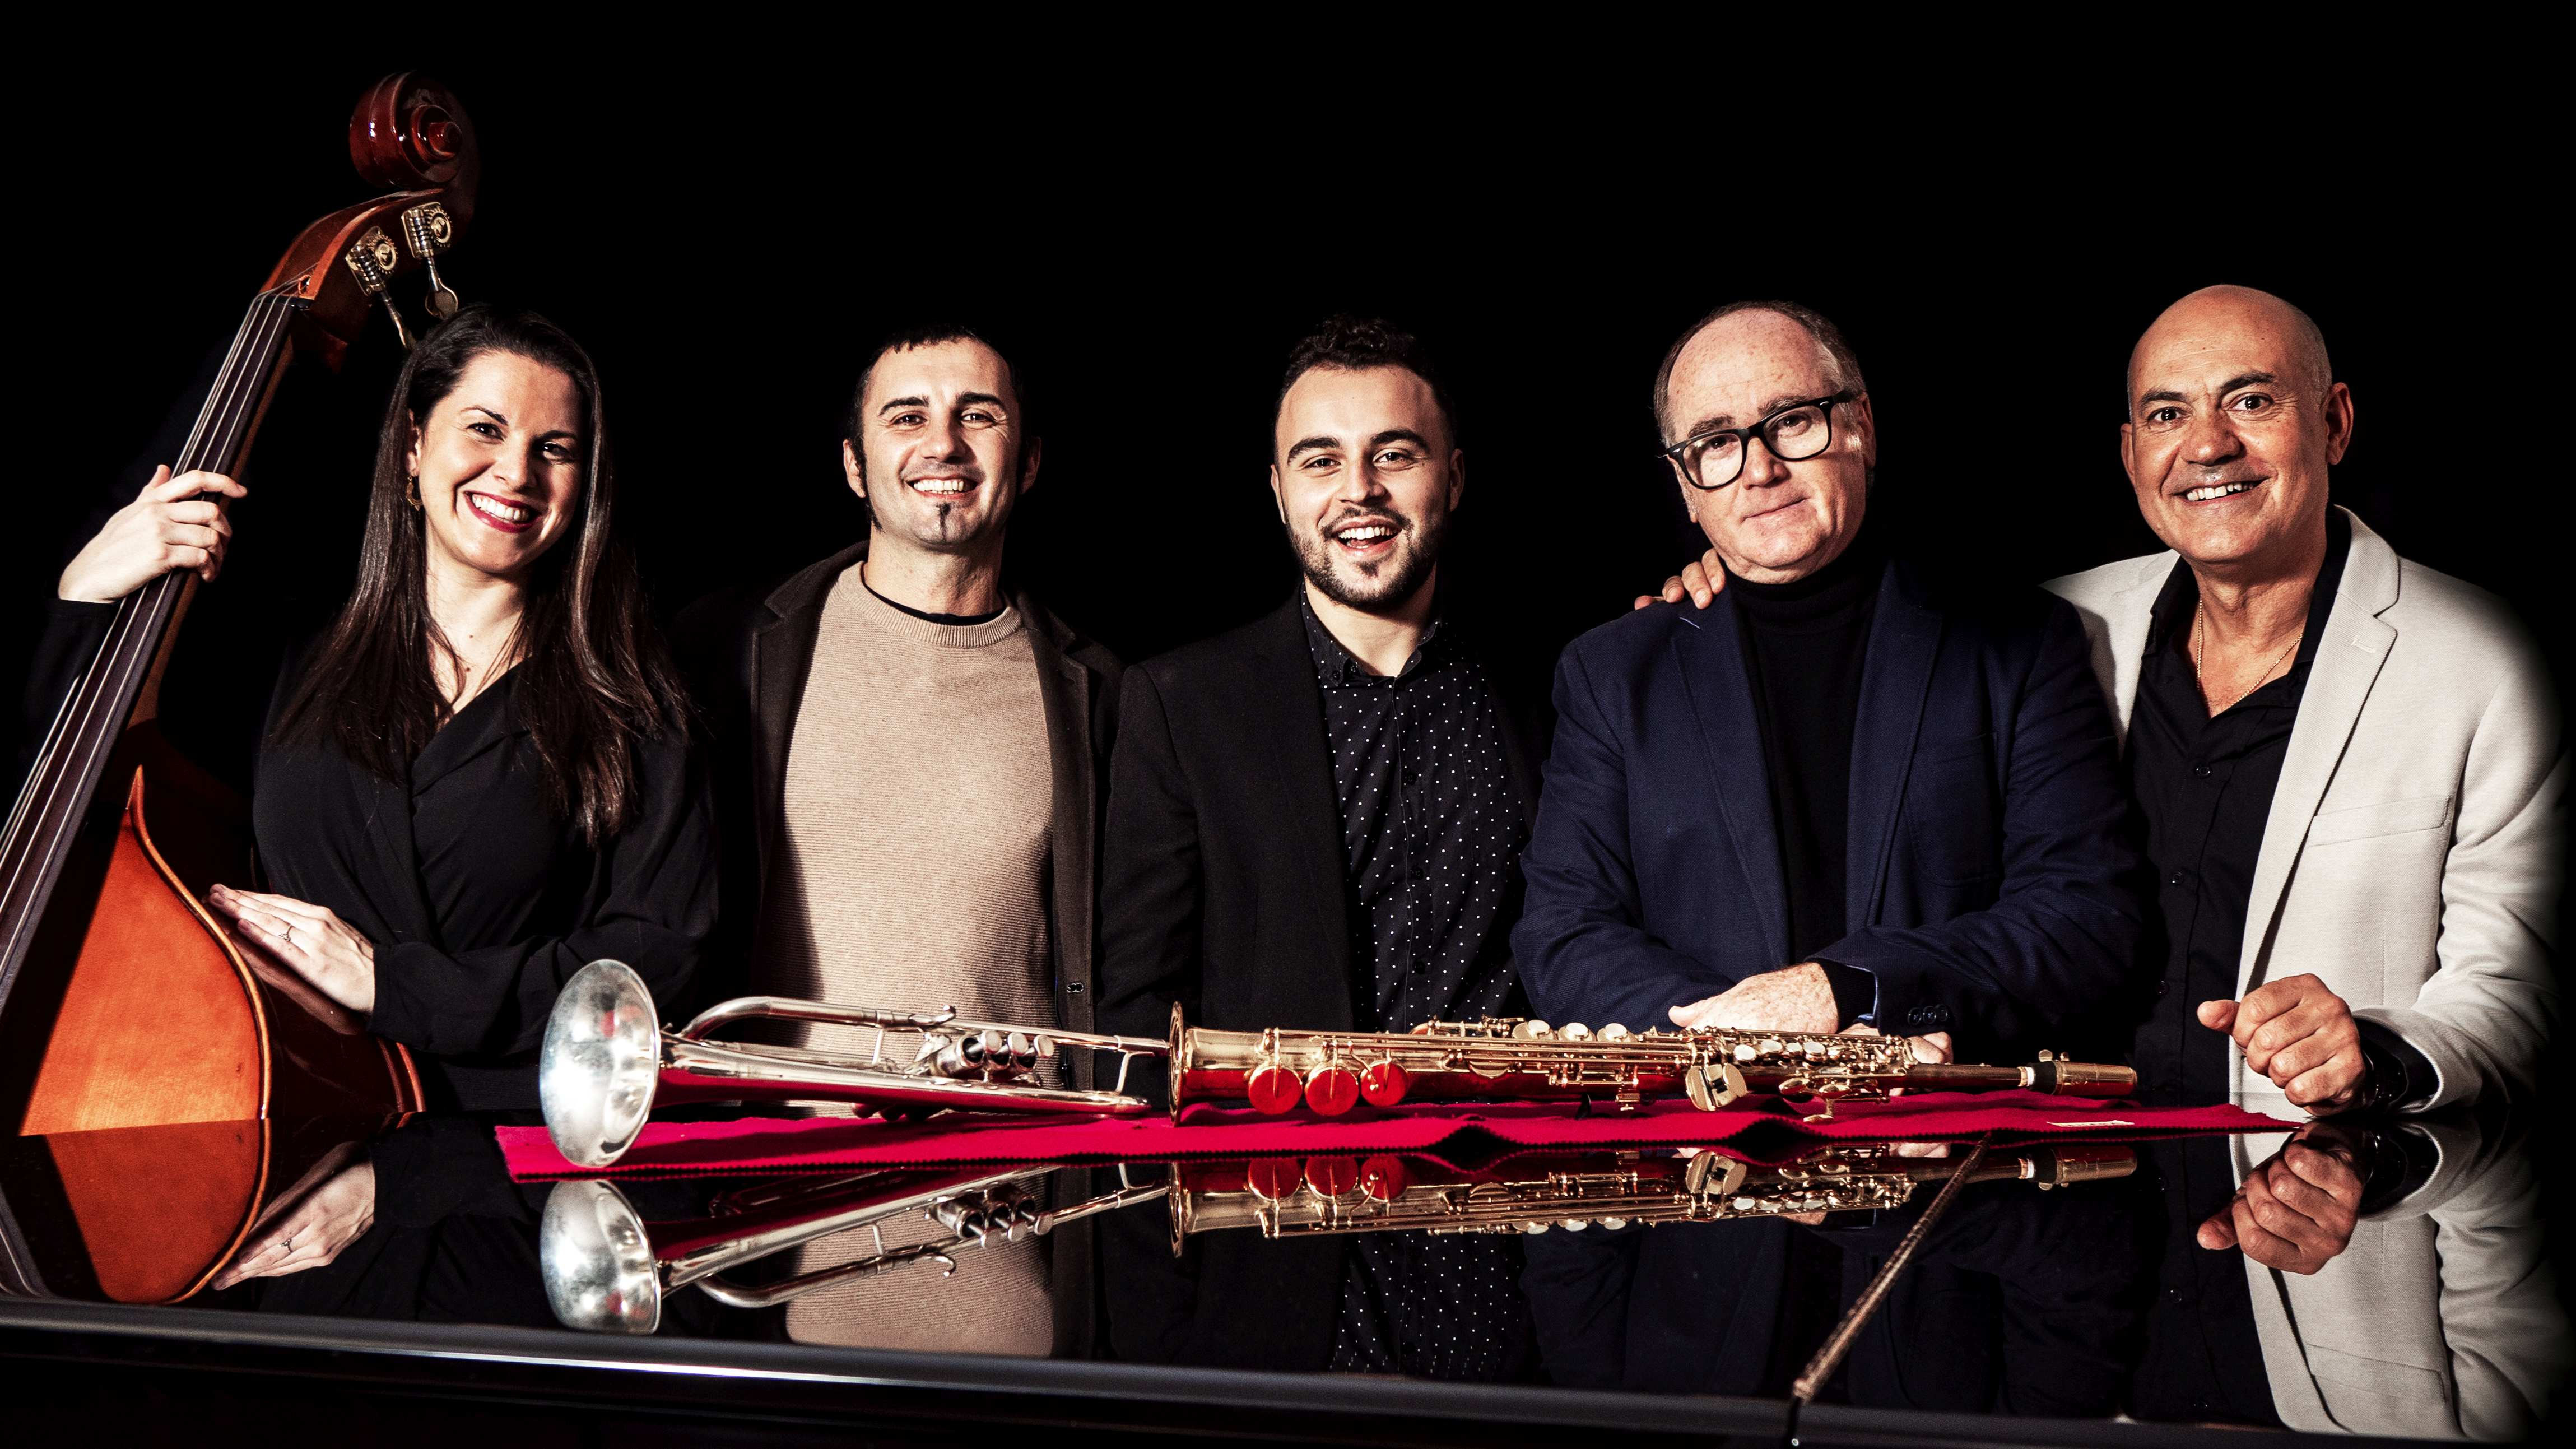 La Local Jazz Band presenta su nuevo álbum Paisajes sonoros